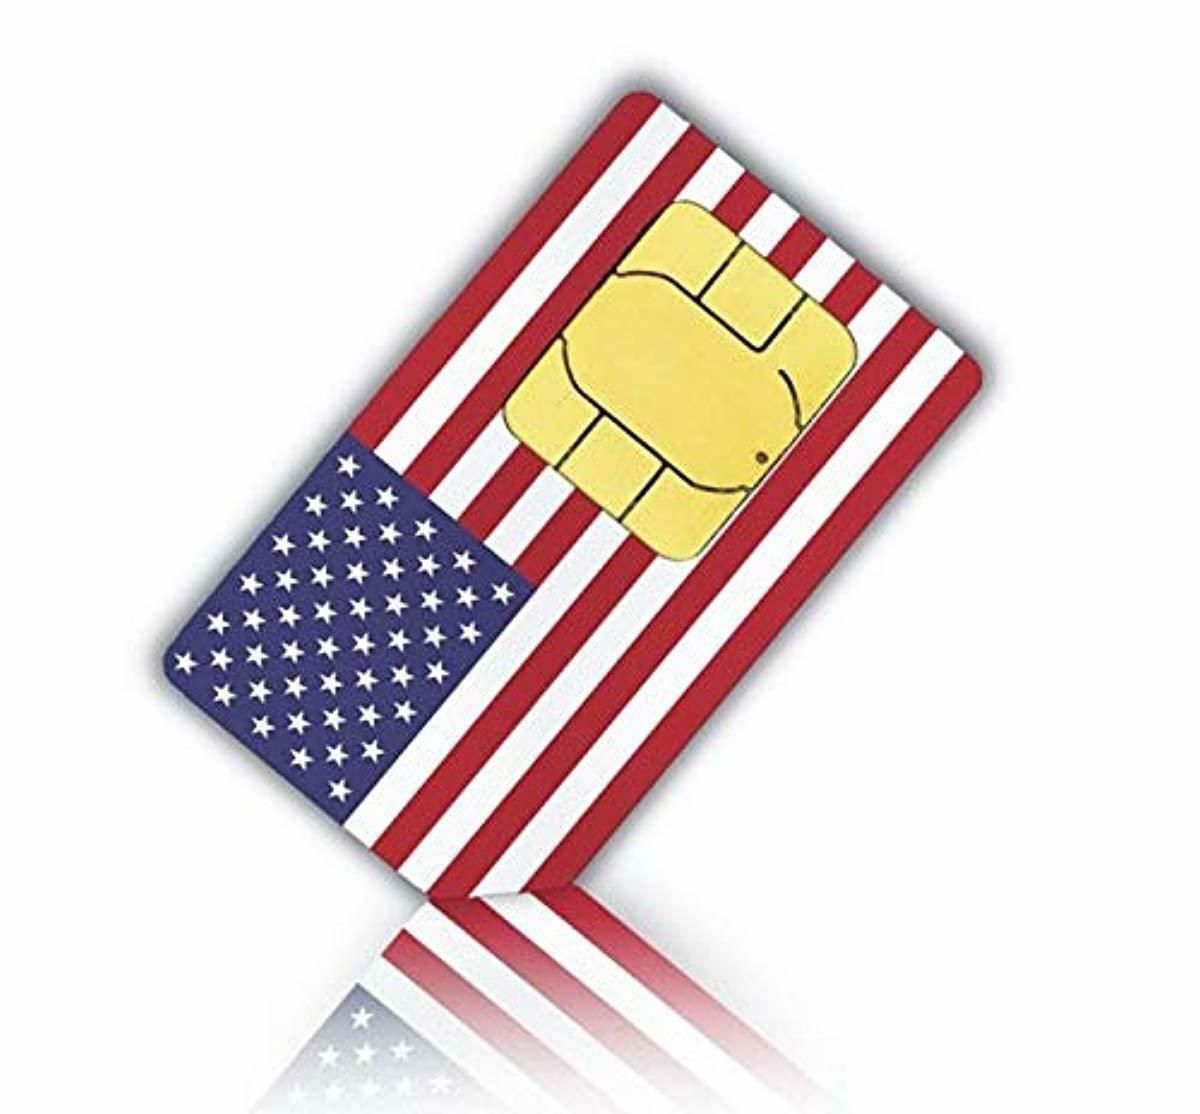 Usa Holiday Sim Card 4gb 4g Internet Flat 4g Lte America Prepaid